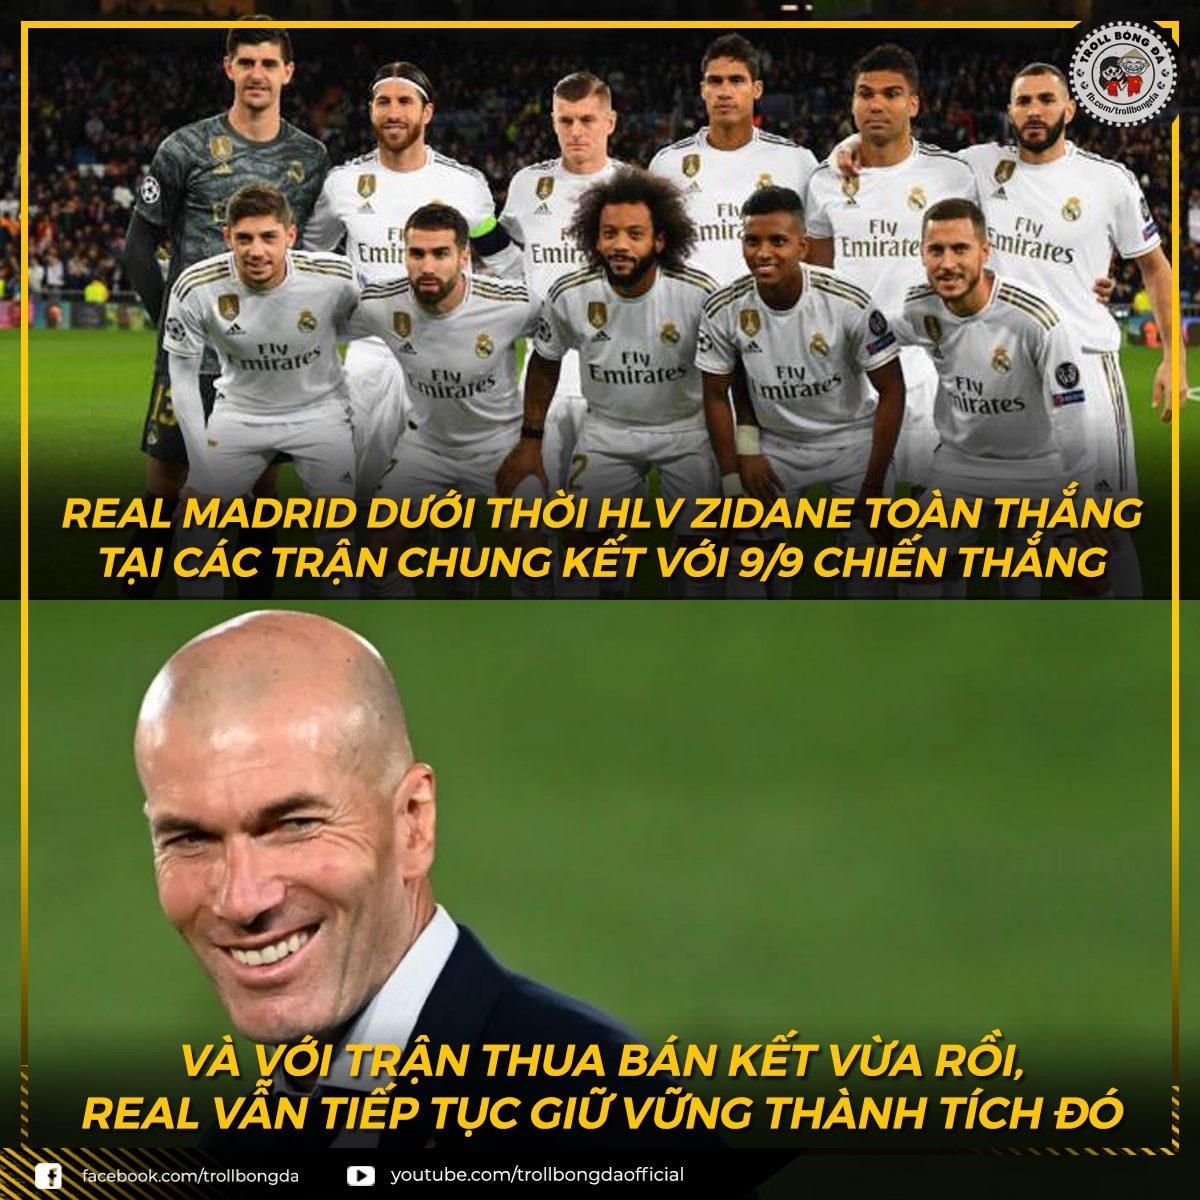 HLV Zidane giữ nguyên thành tích toàn thắng ở các trận chung kết khi dẫn dắt Real Madrid. (Ảnh: Troll bóng đá).